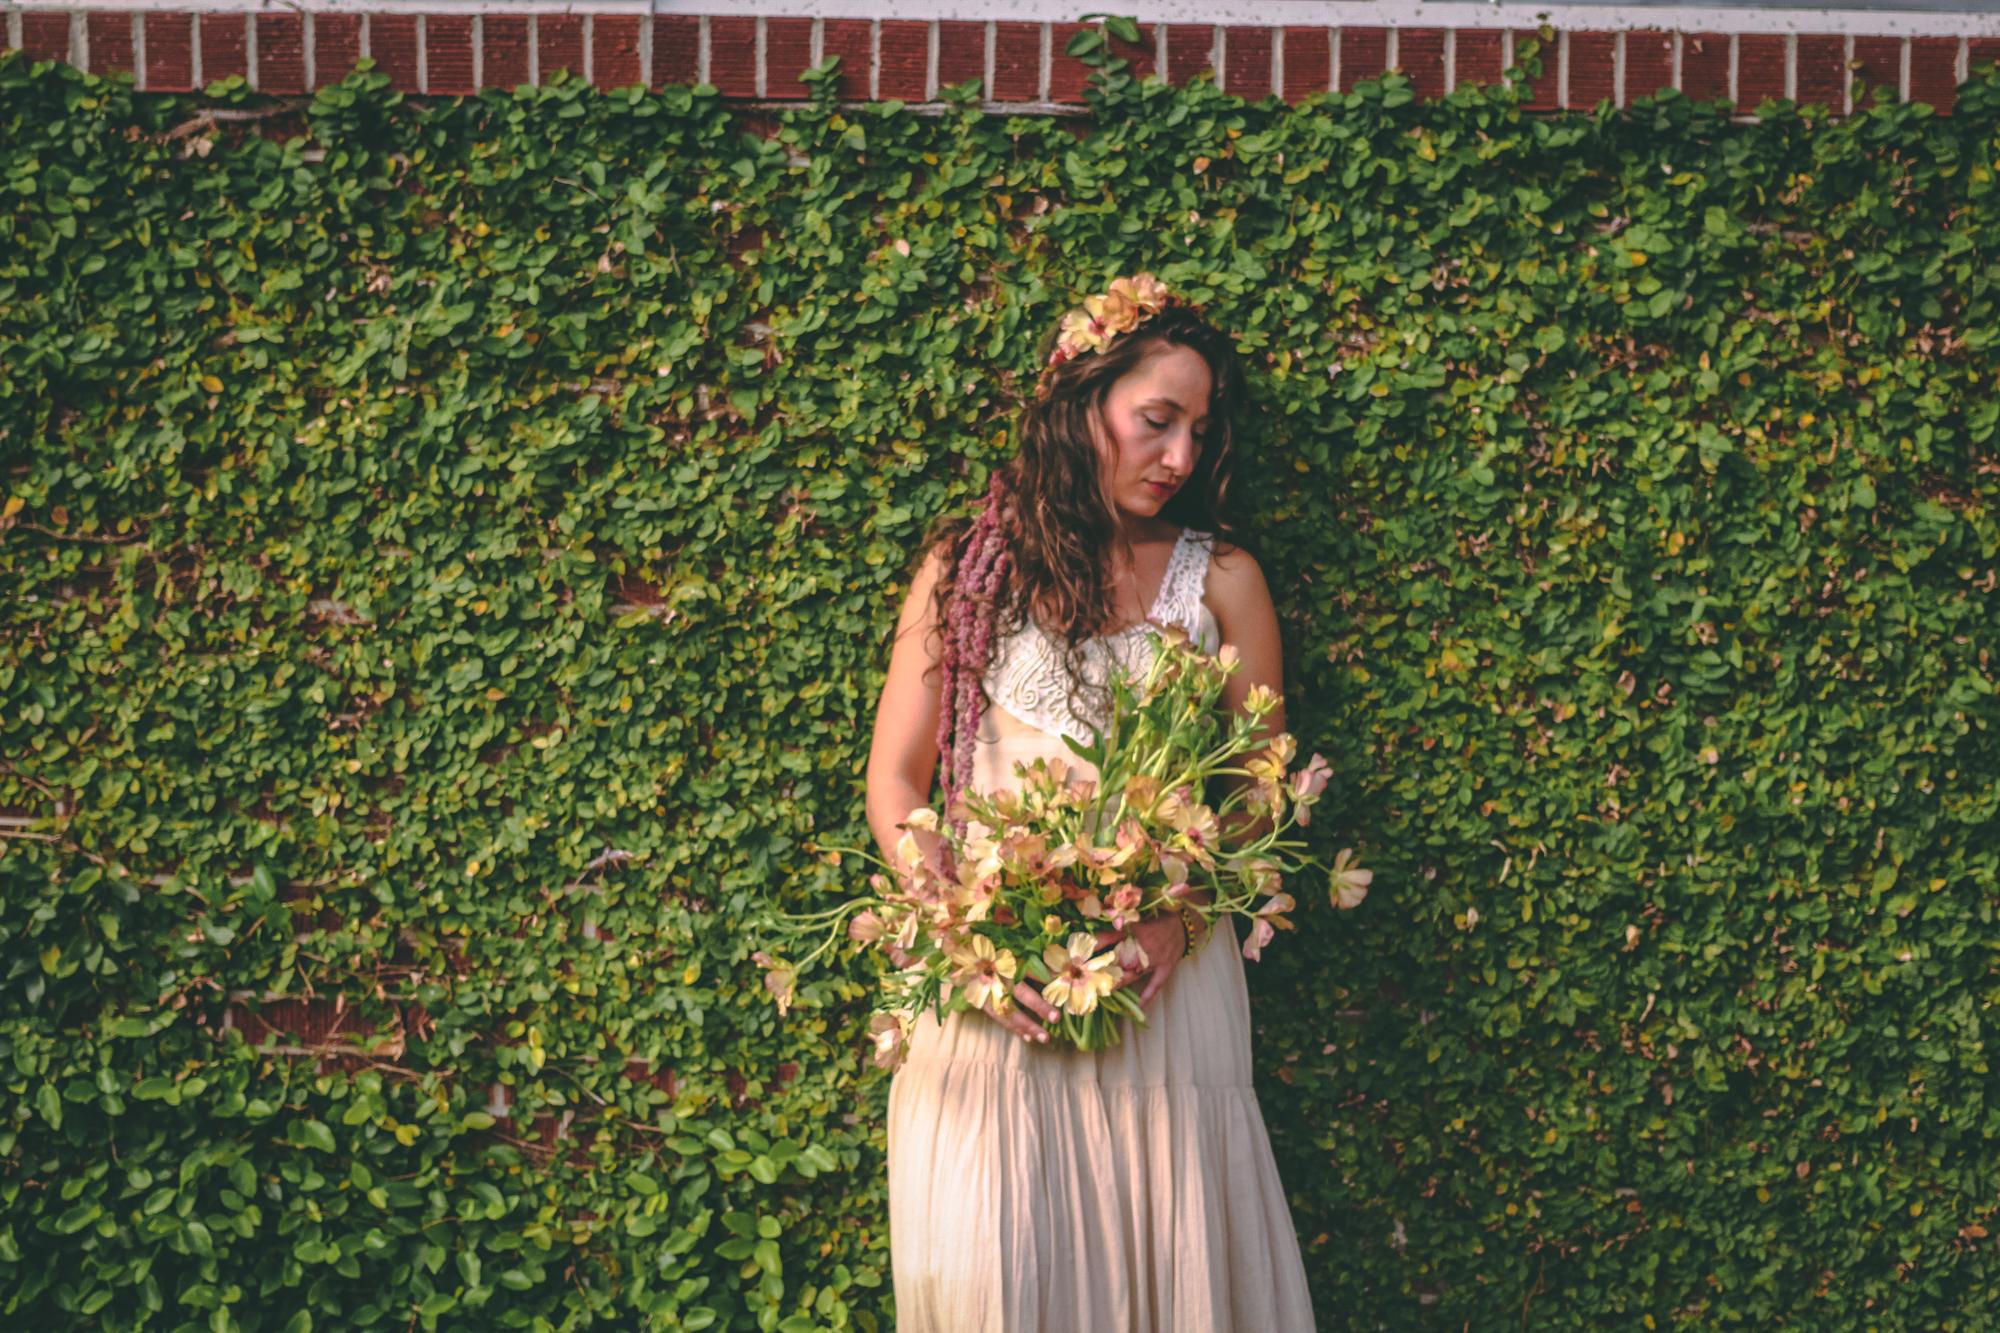 lexi flower pics edited-15.JPG